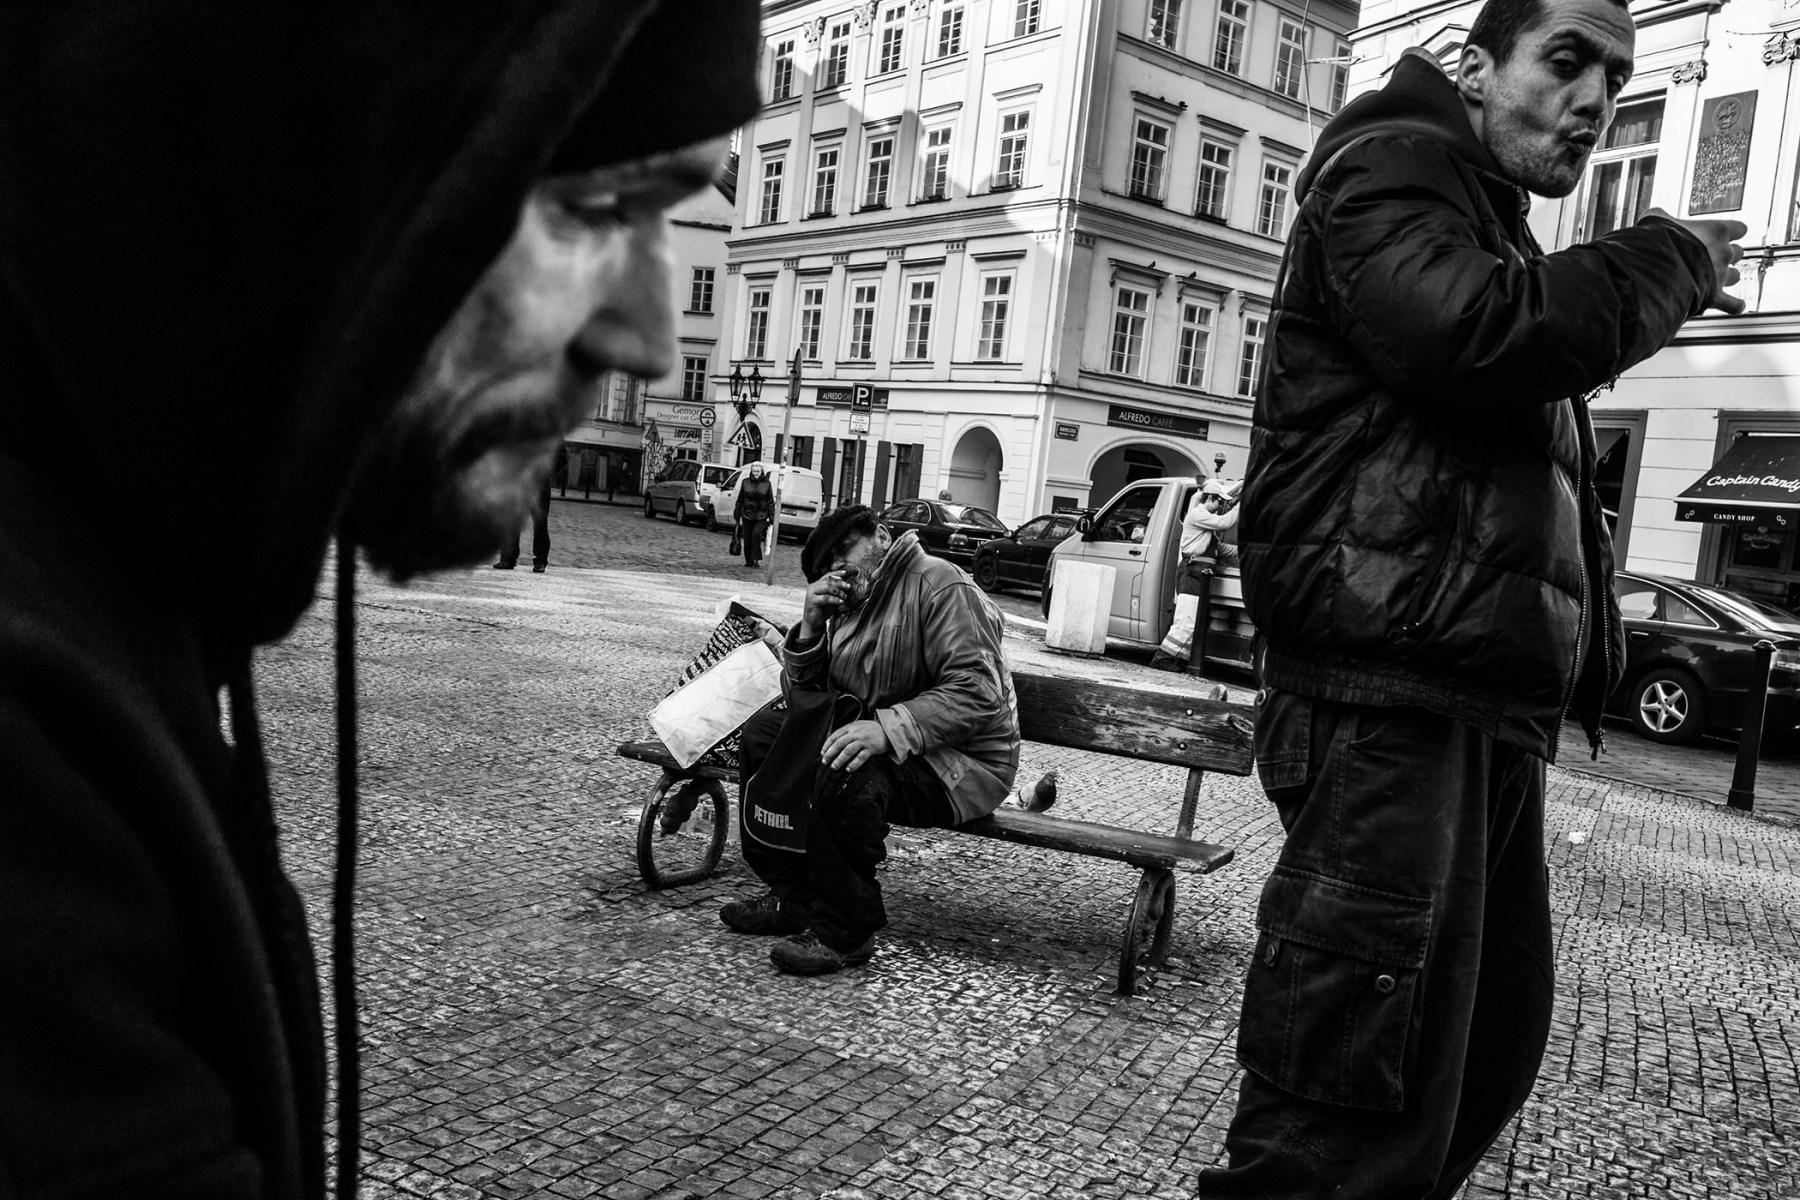 kevin-v.-ton-photographer-00001